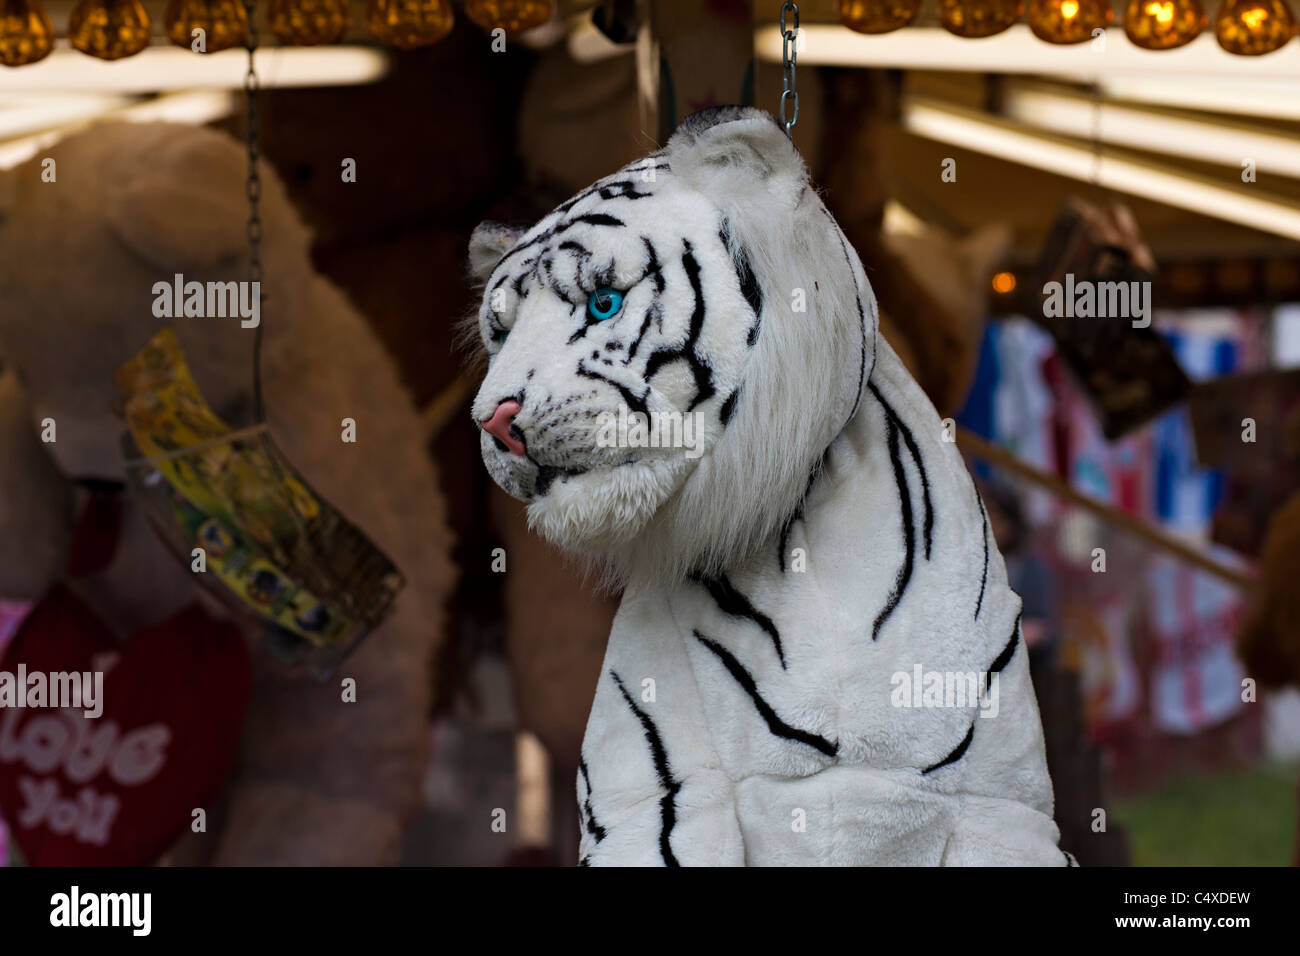 Une peluche tigre est un prix dans le cadre d'un stand à l'Hoppings à Newcastle upon Tyne Photo Stock